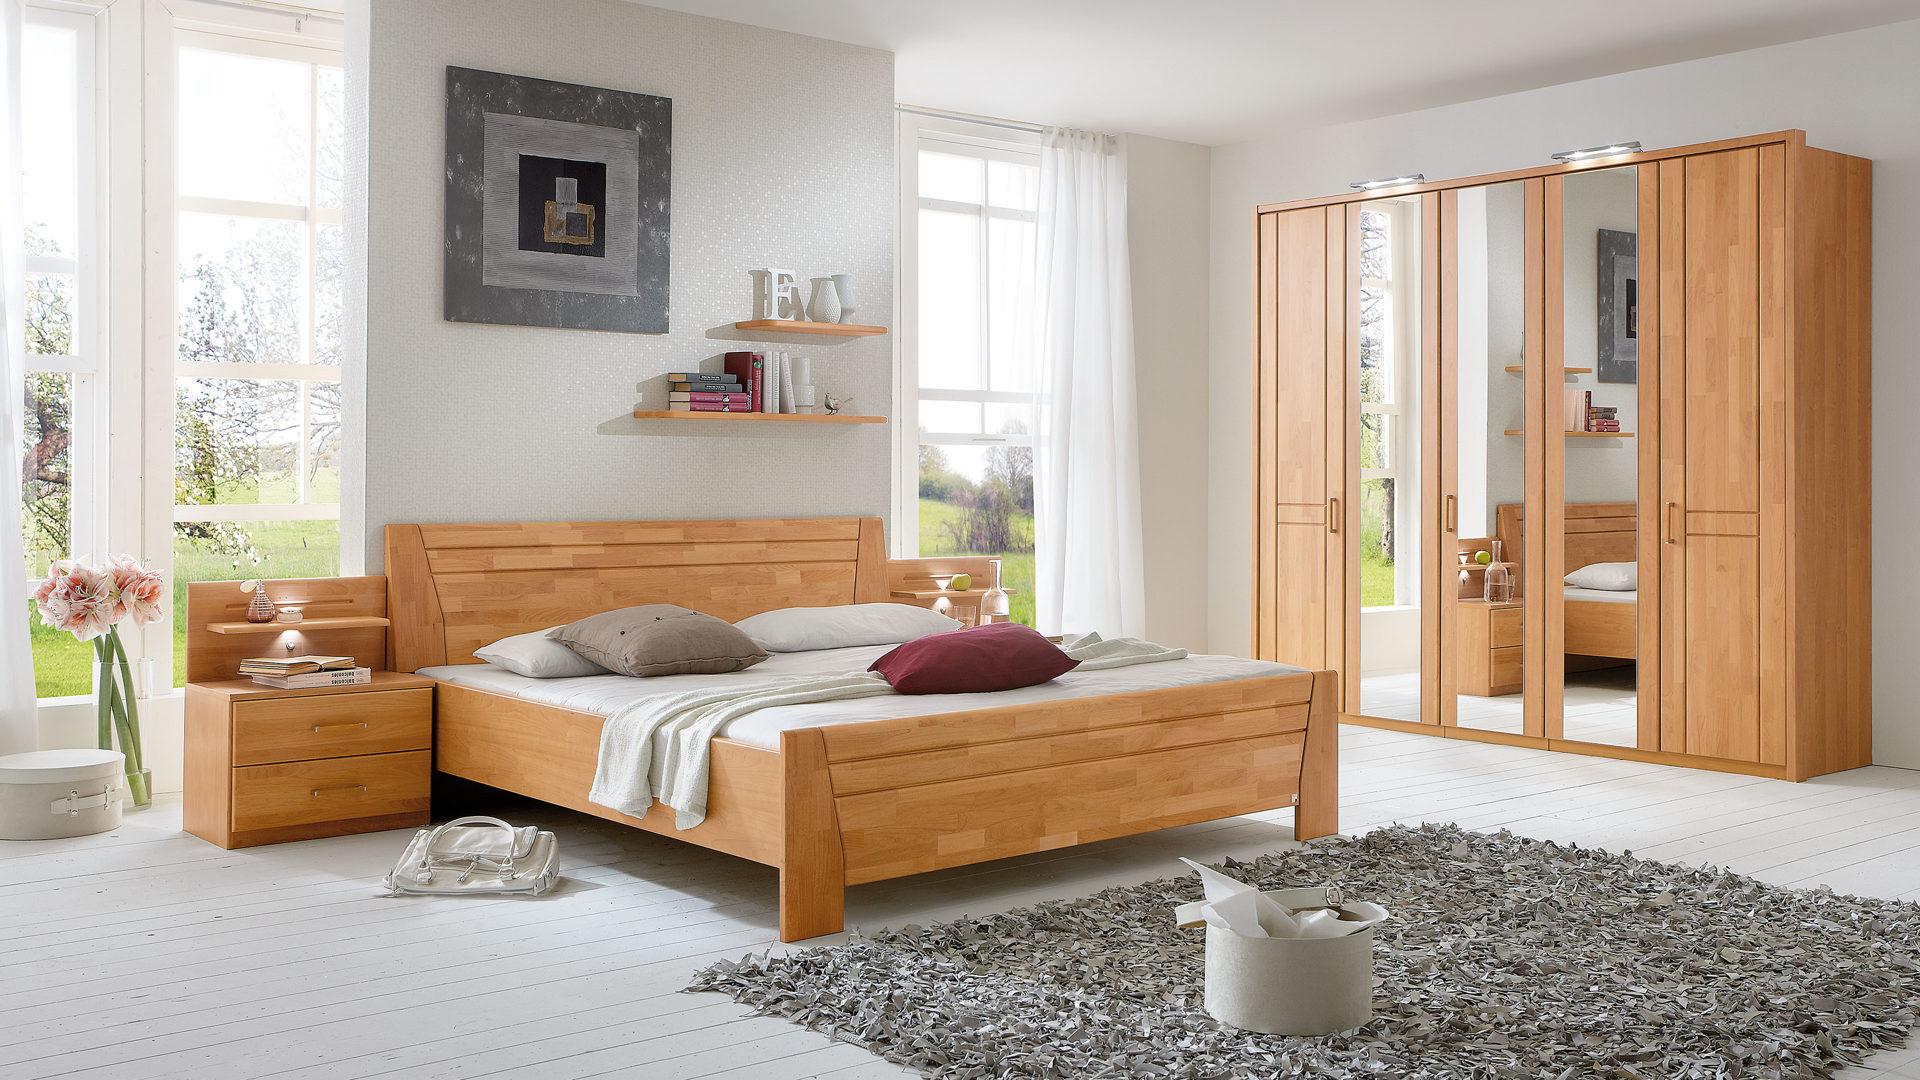 Schlafzimmerkombination Mit Kleiderschrank Doppelbettgestell Und